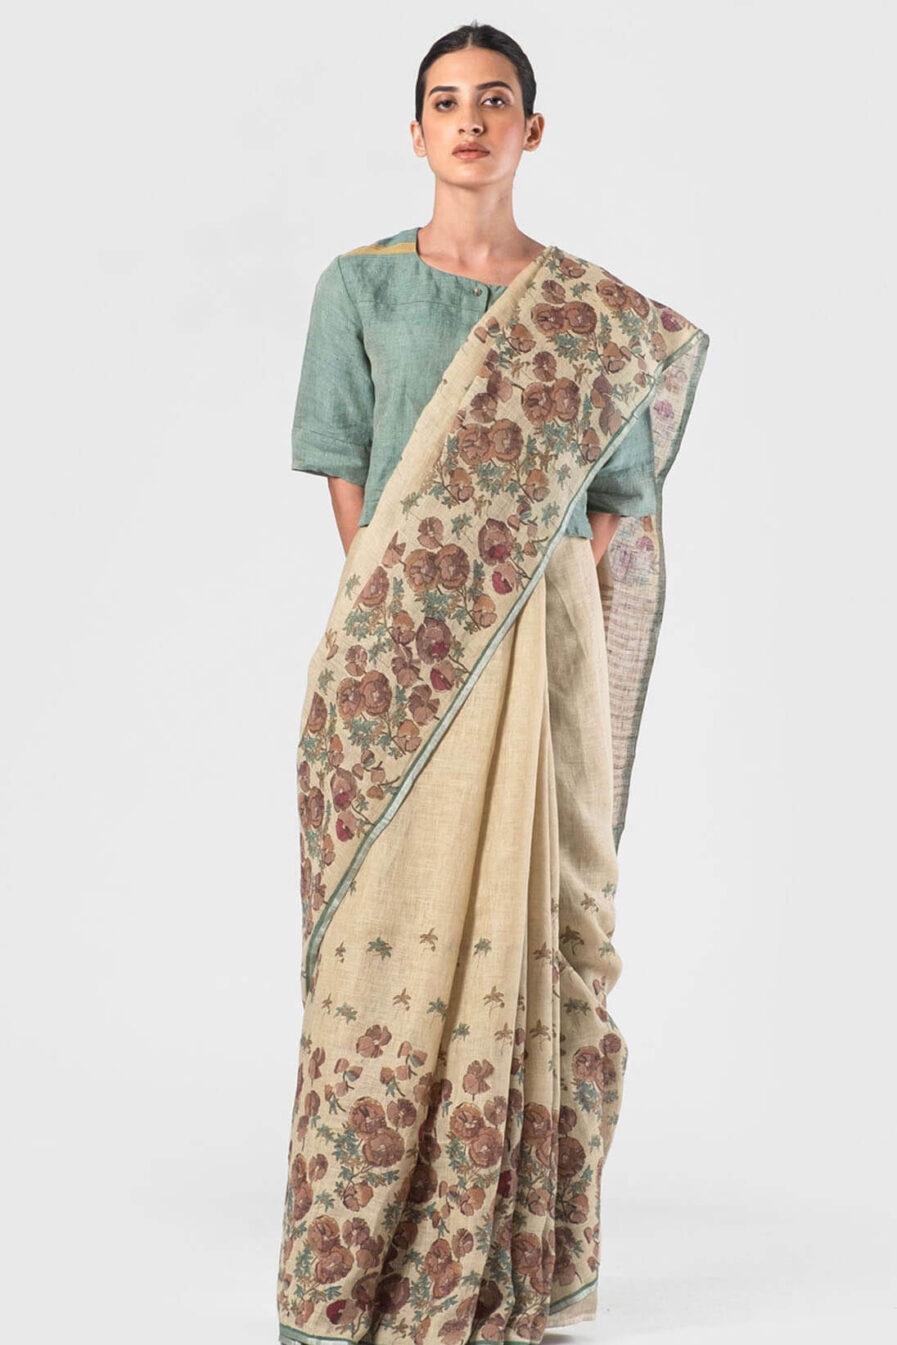 Anavila Natural Powder pink floral sari